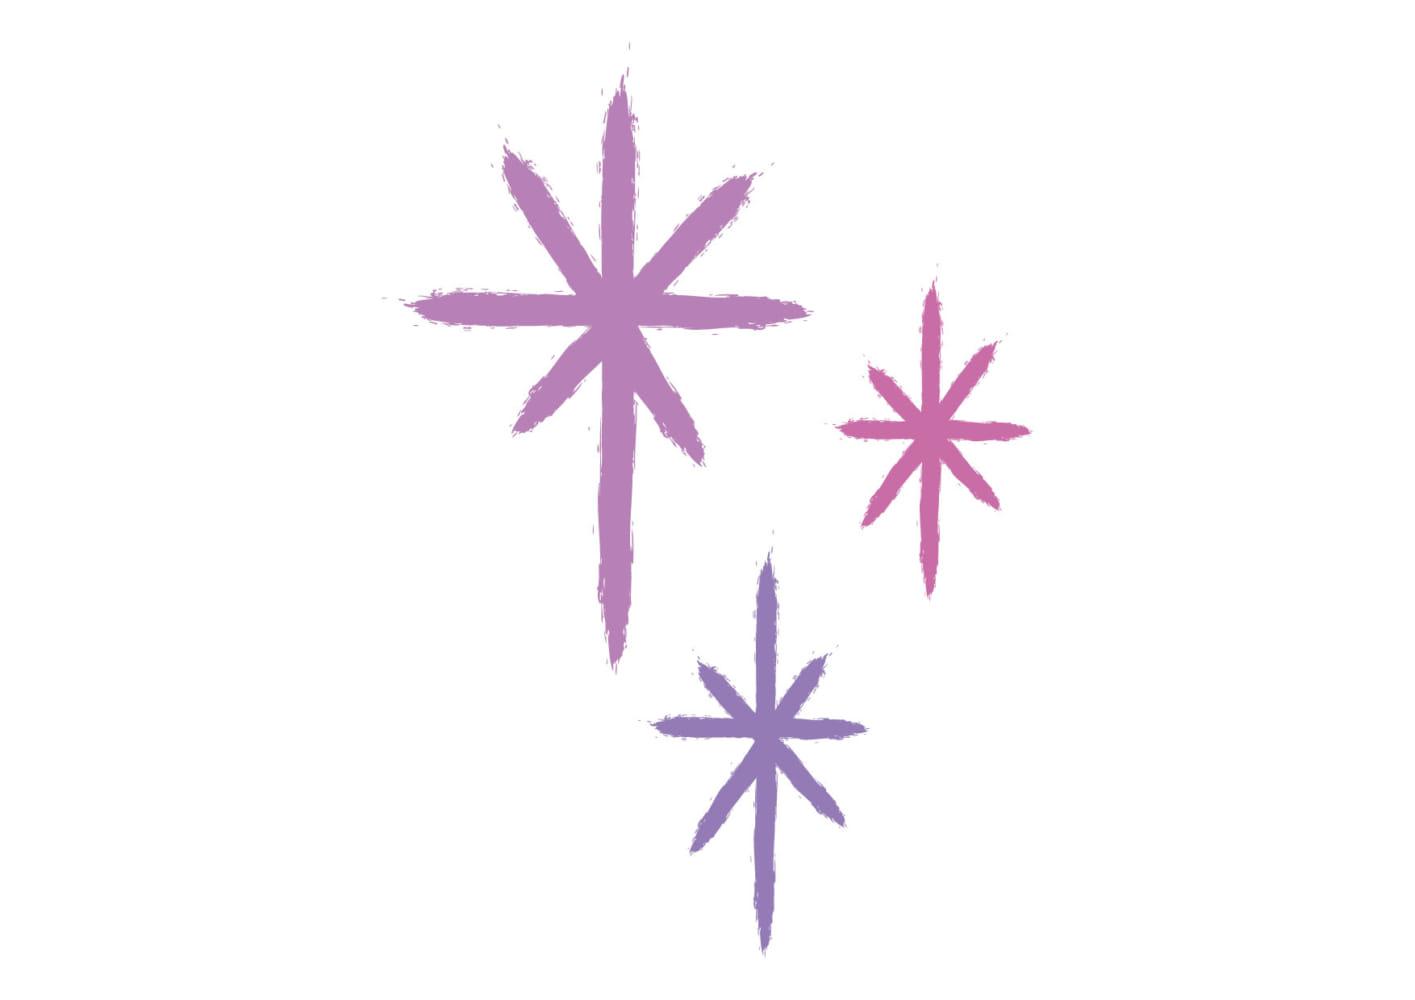 手書き キラキラ 光 紫色 イラスト 無料